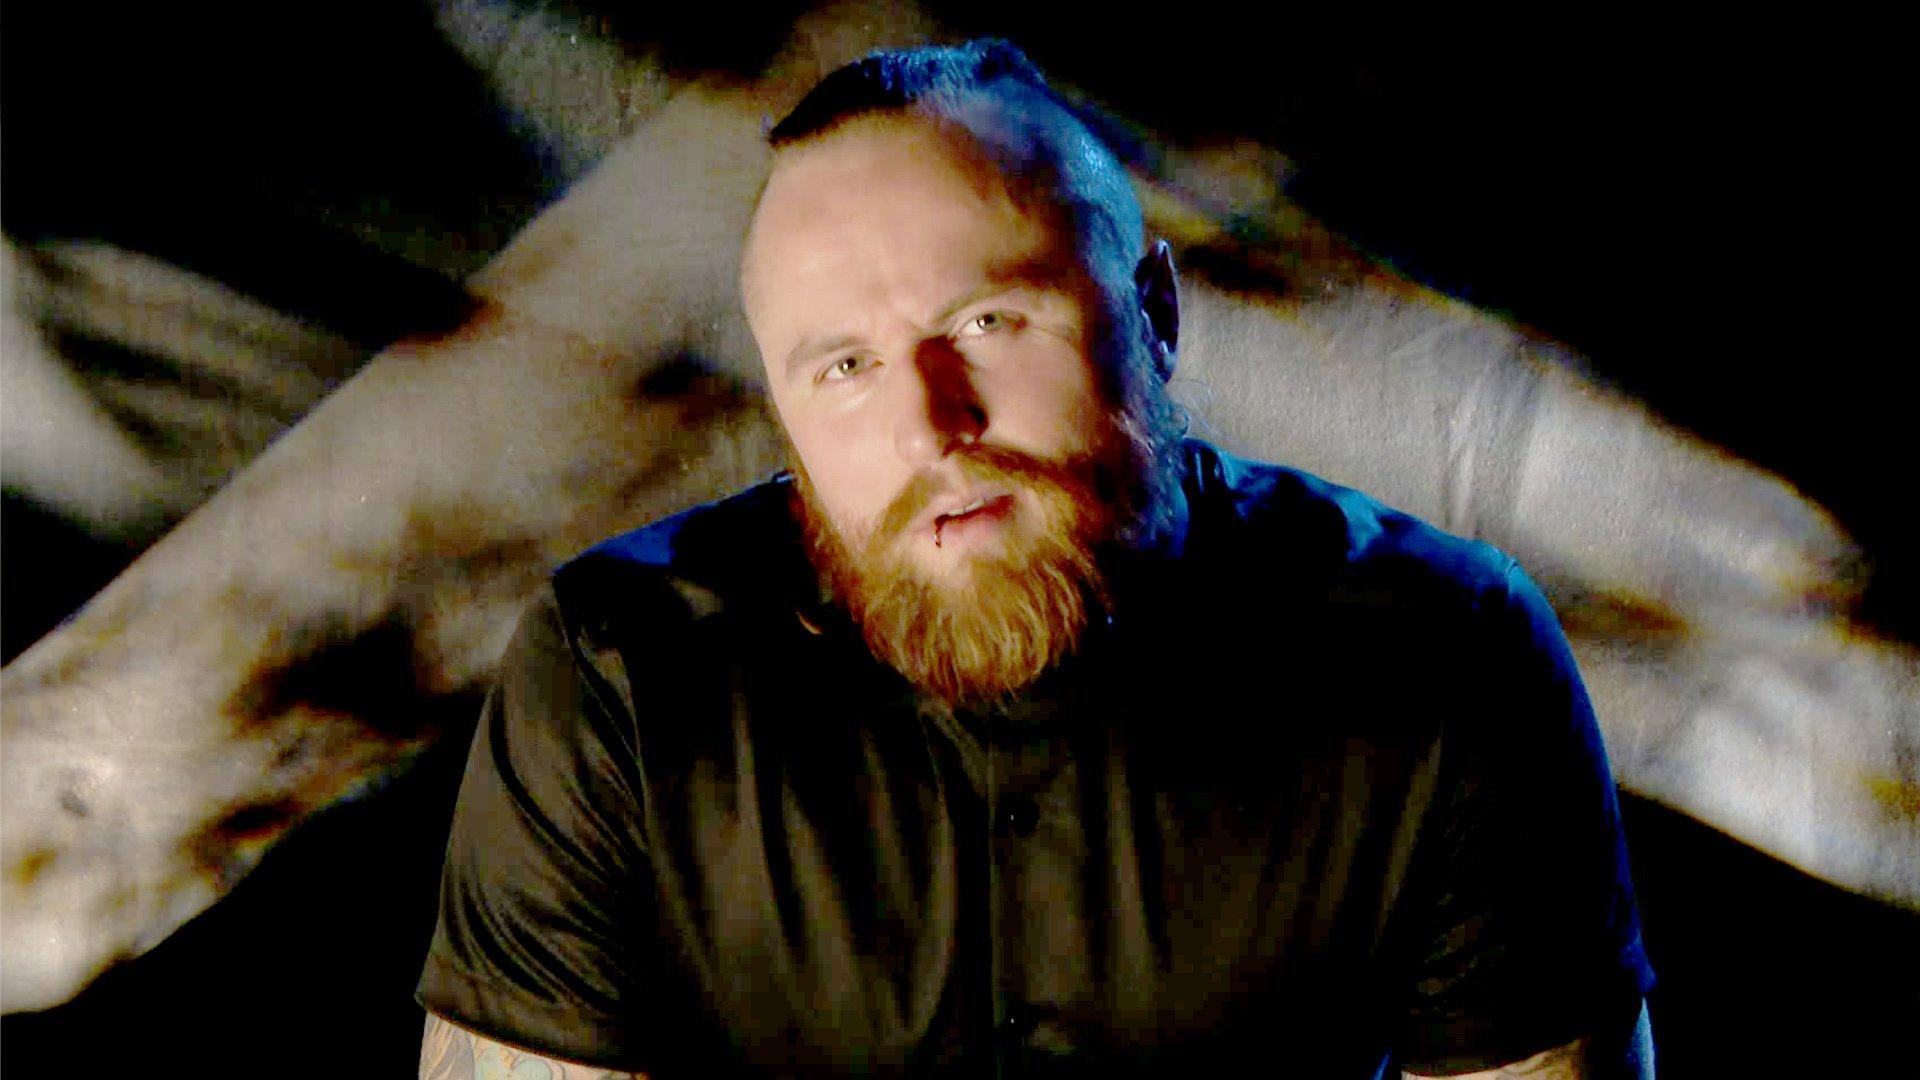 N'essayez pas d'entrer dans la tête d'Aleister Black: SmackDown LIVE, 14 Mai 2019